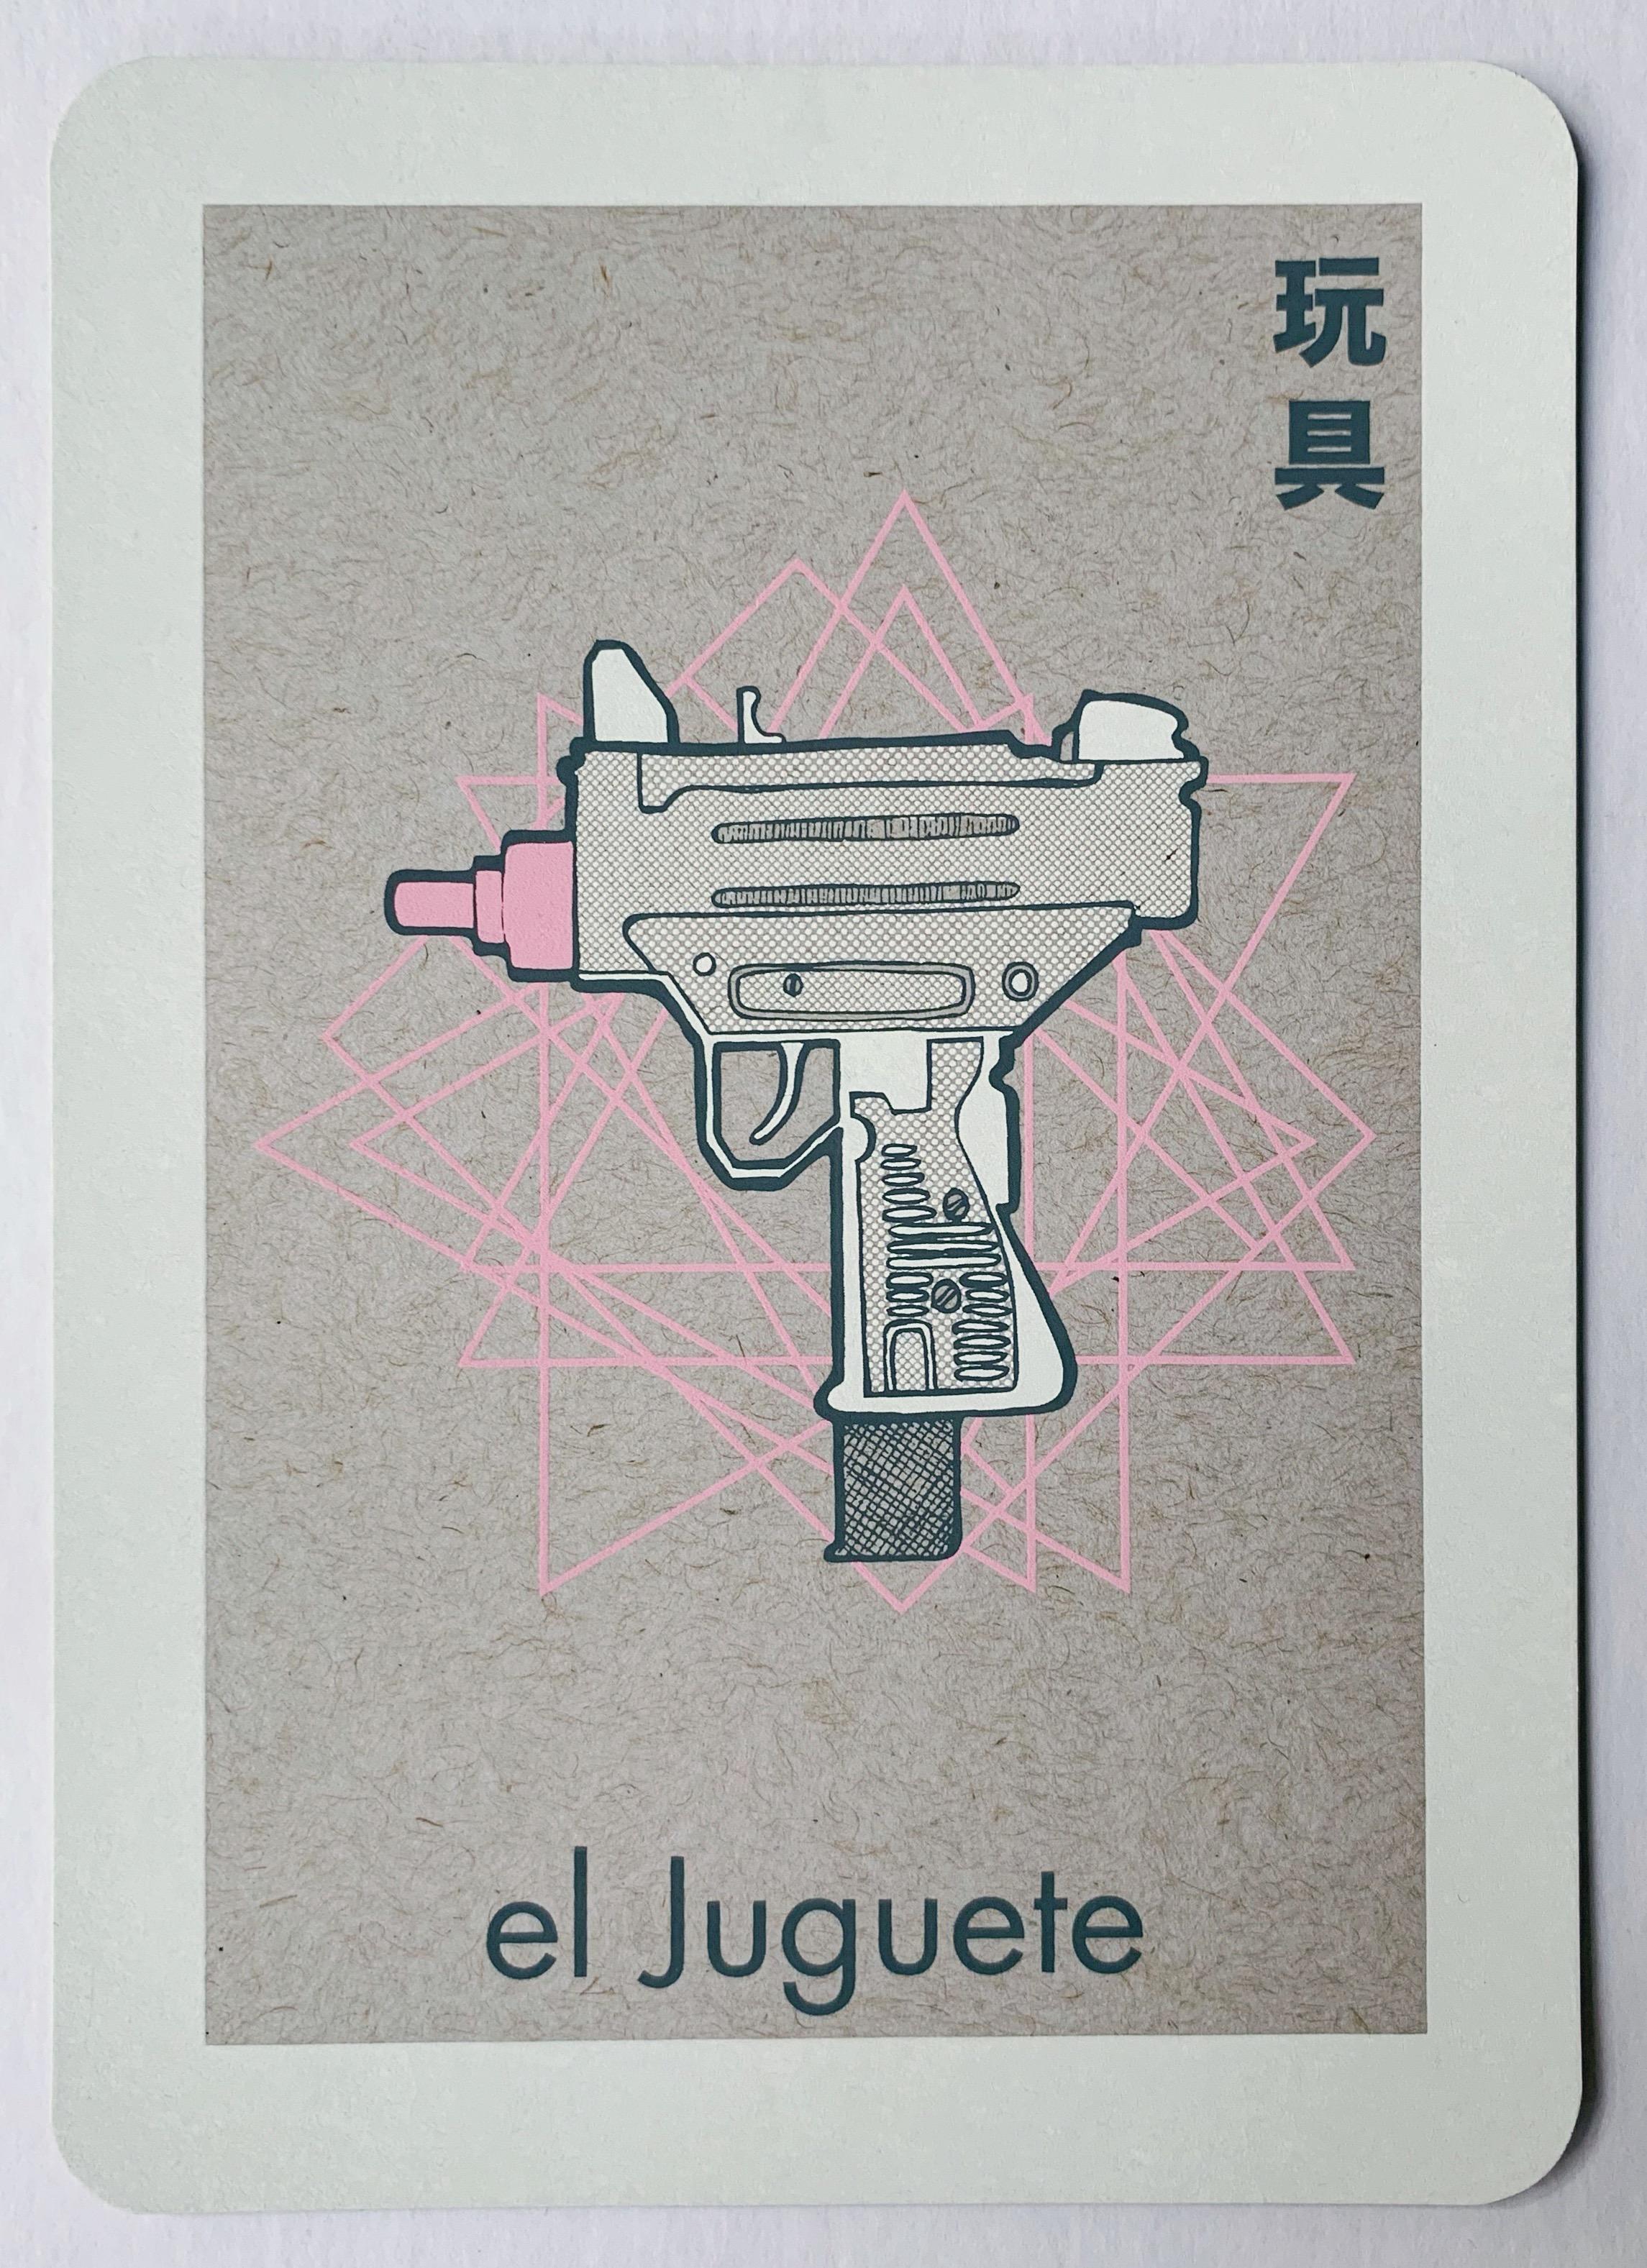 el Juguete, serigraphy, 2017